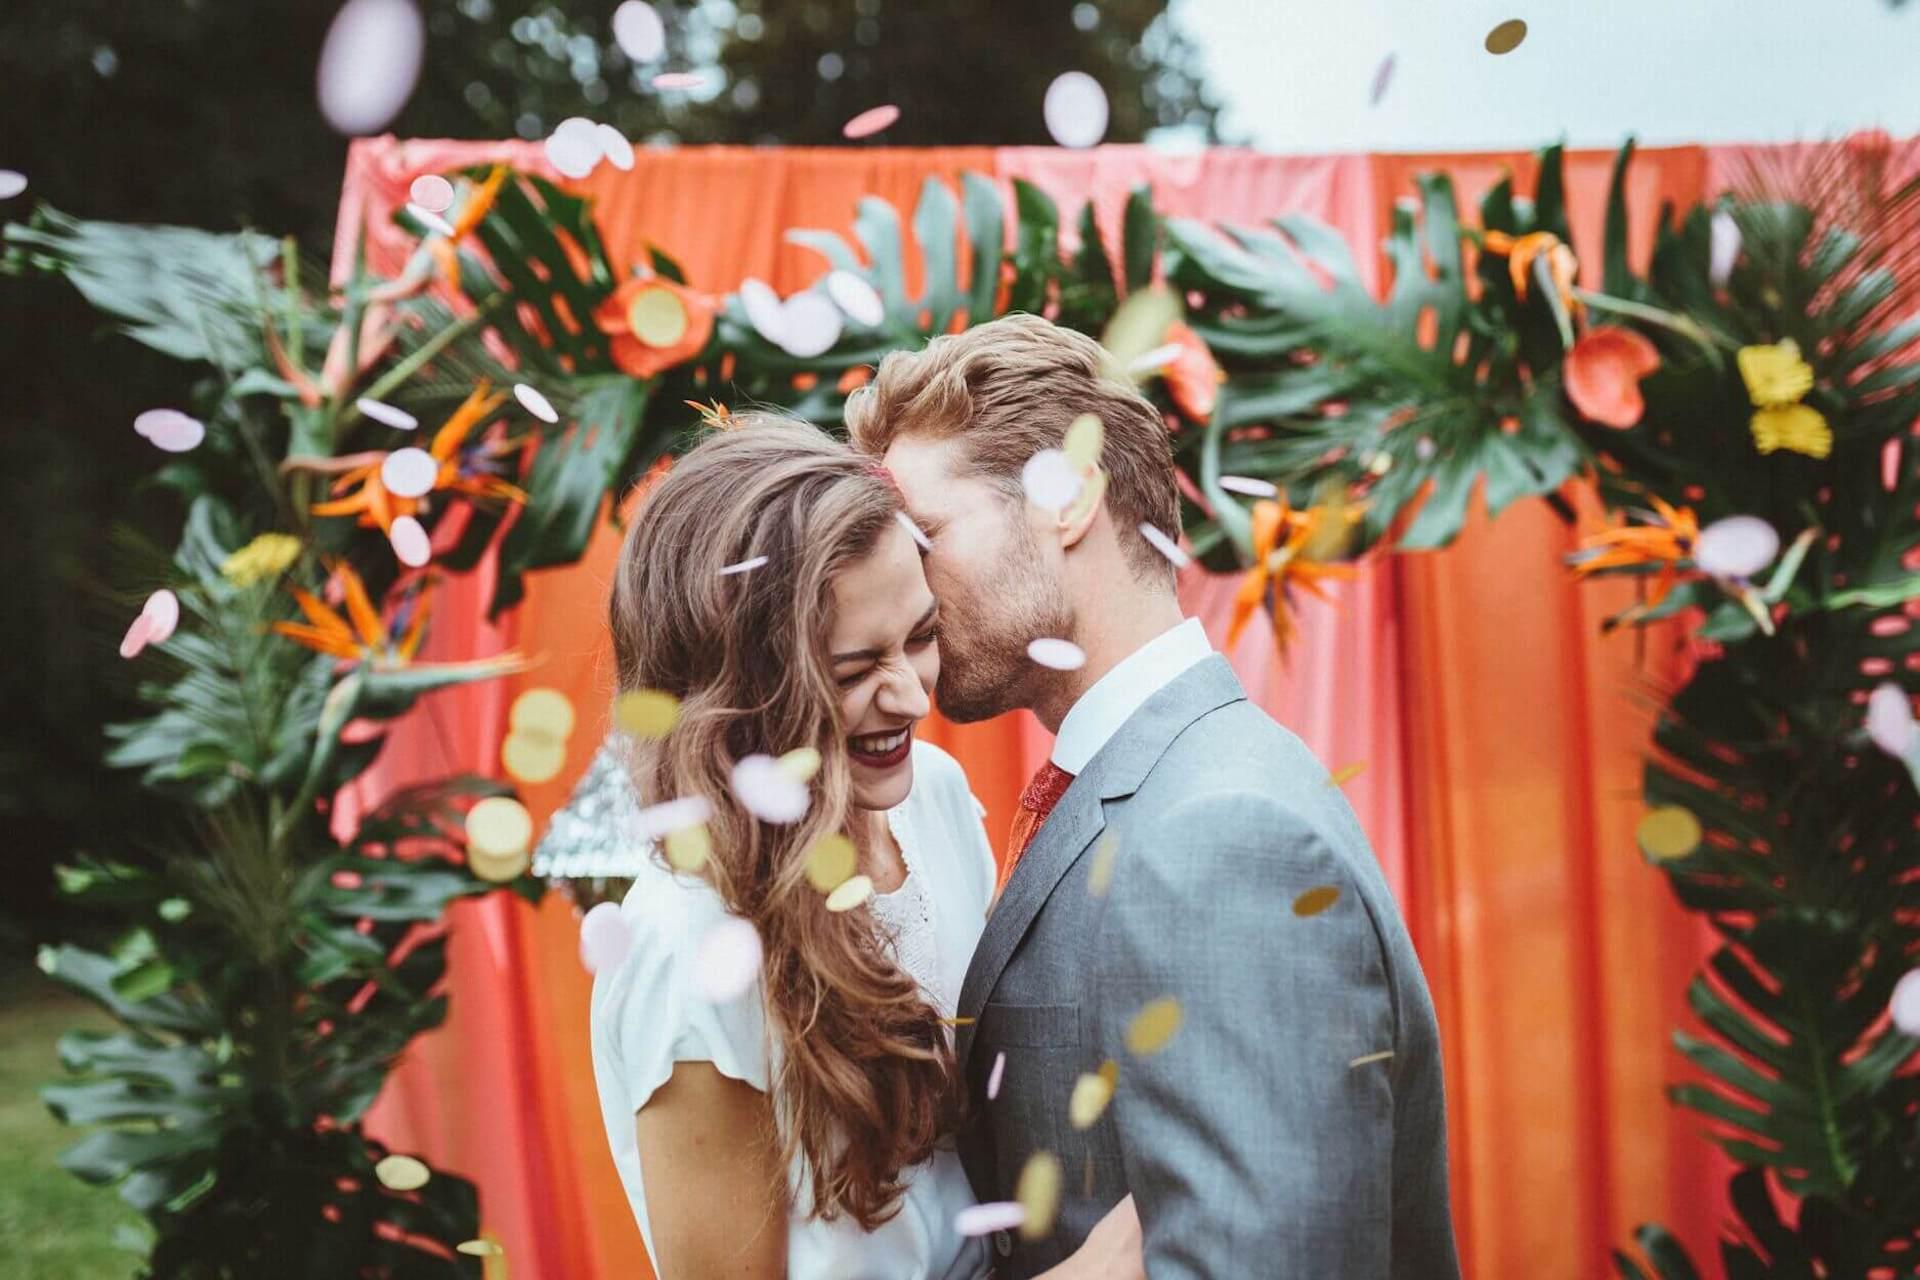 Wedding Market Leipzig, Styled Shoot Sommer 2016